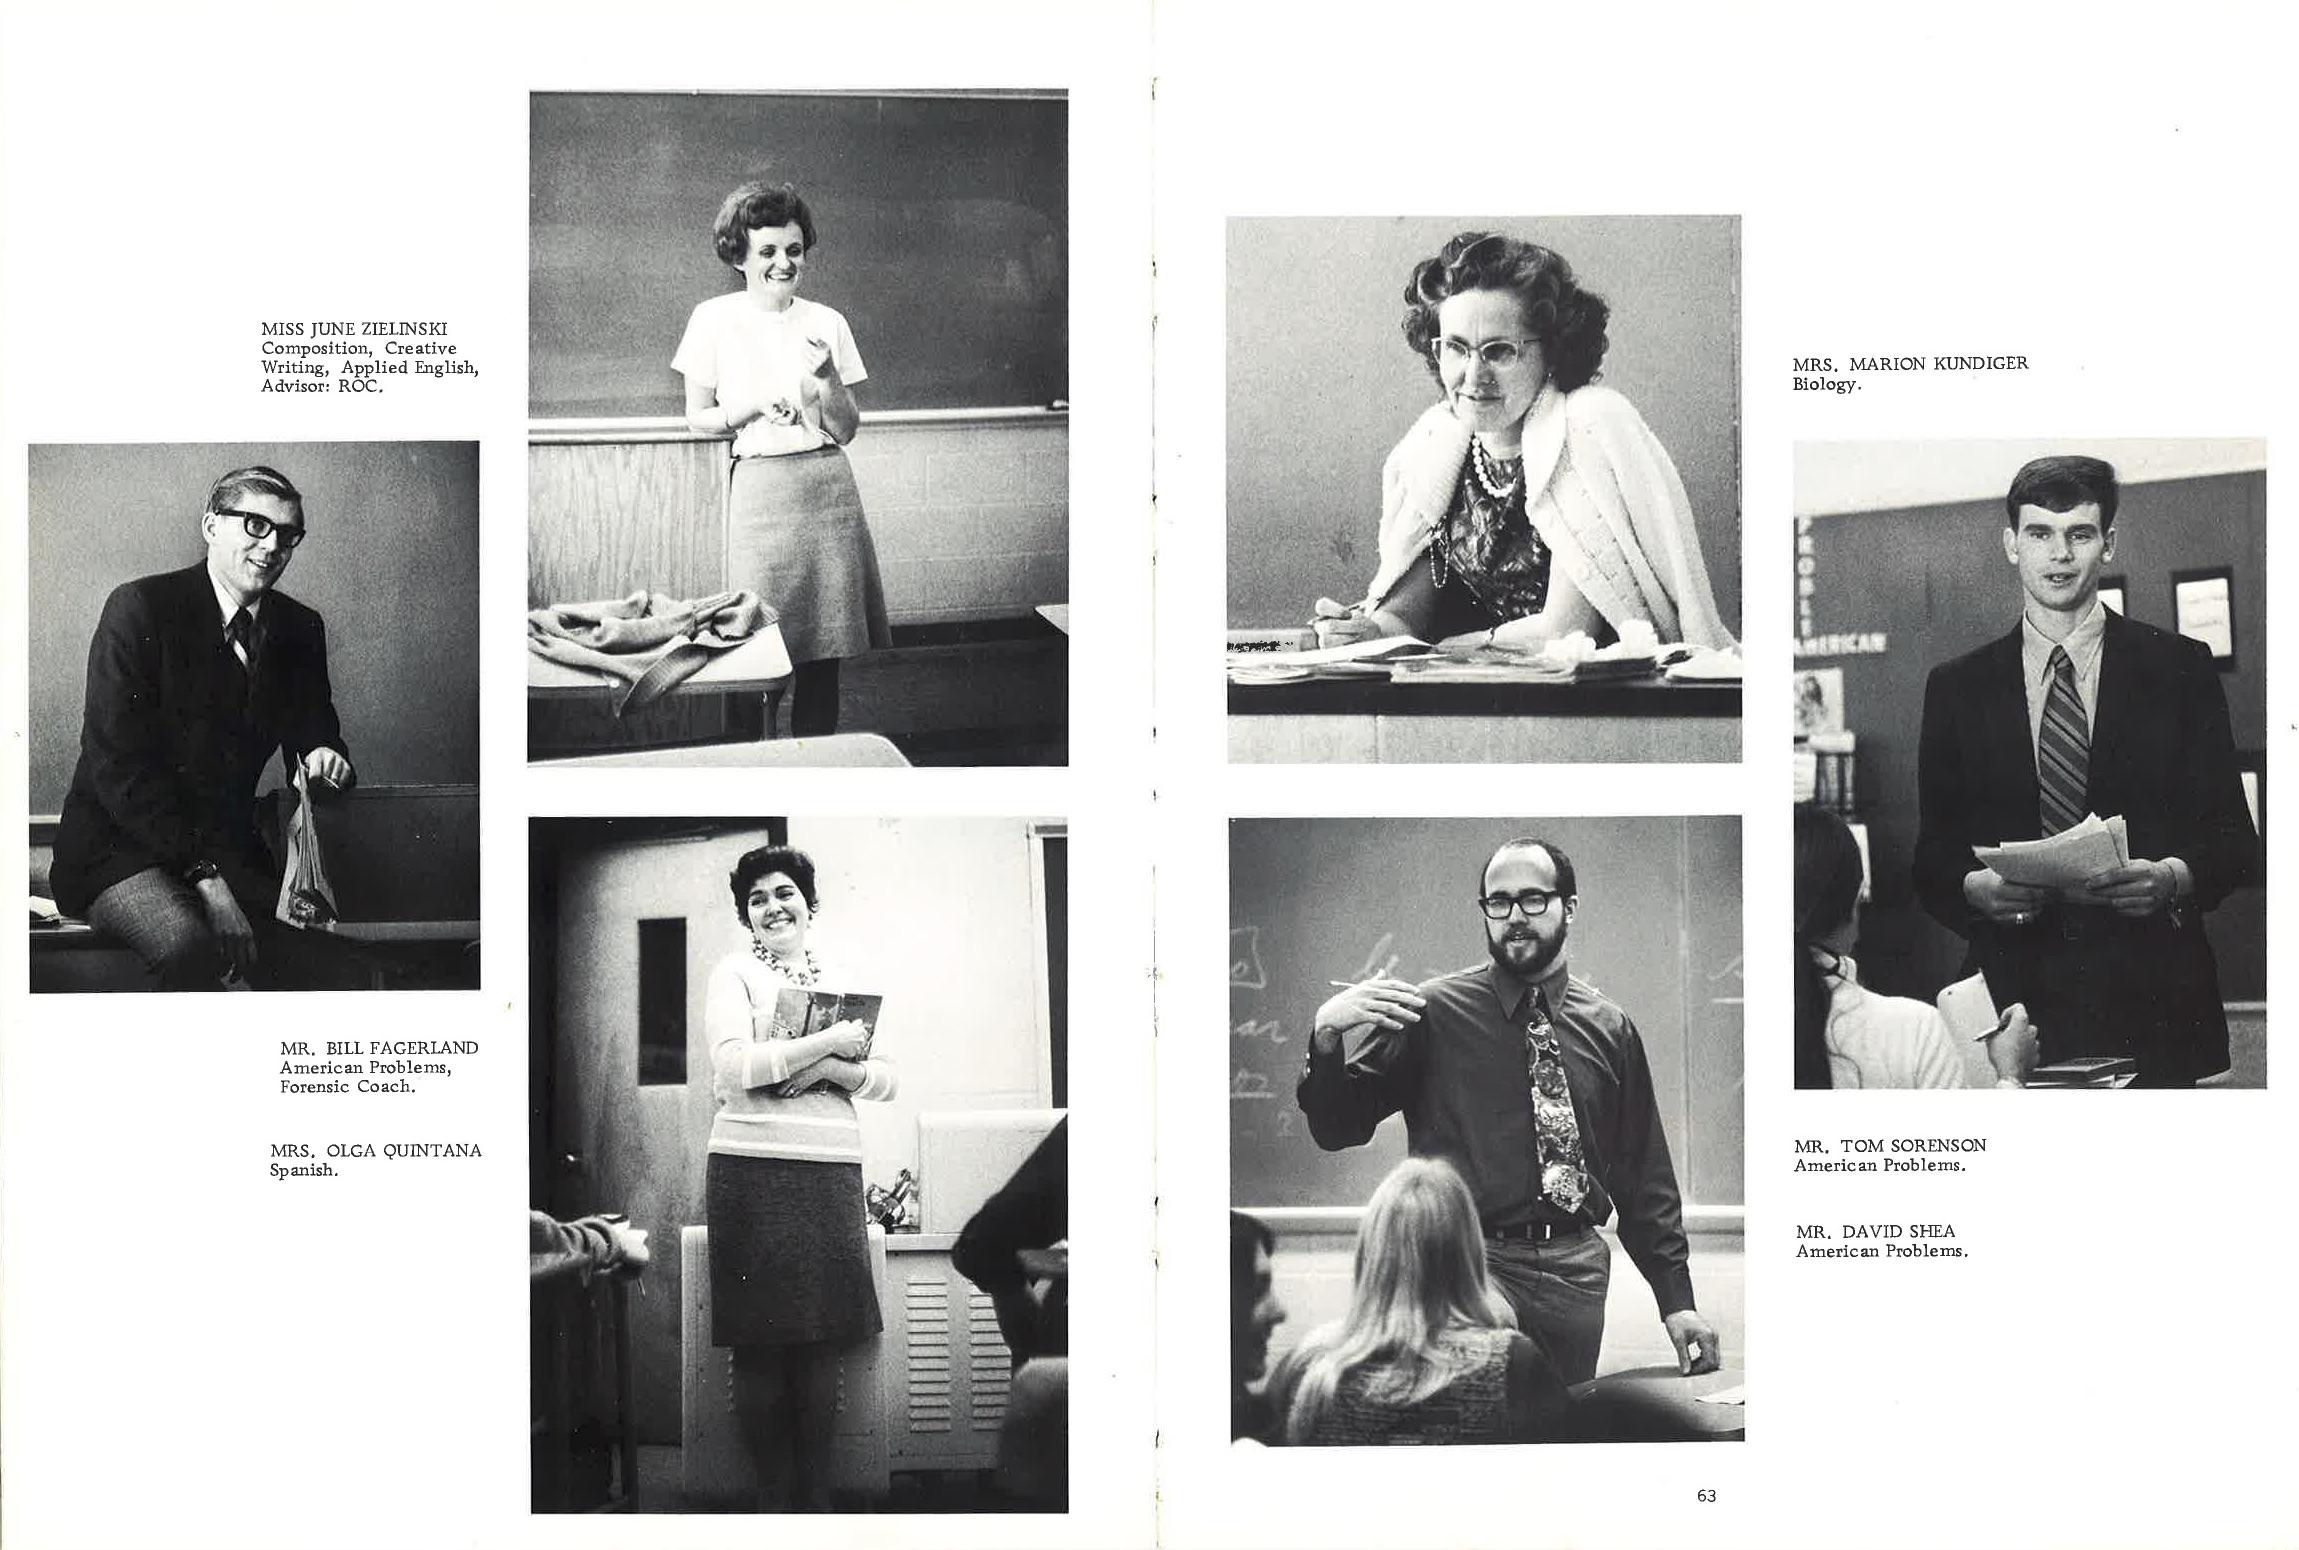 1971_Yearbook_62-63.jpg